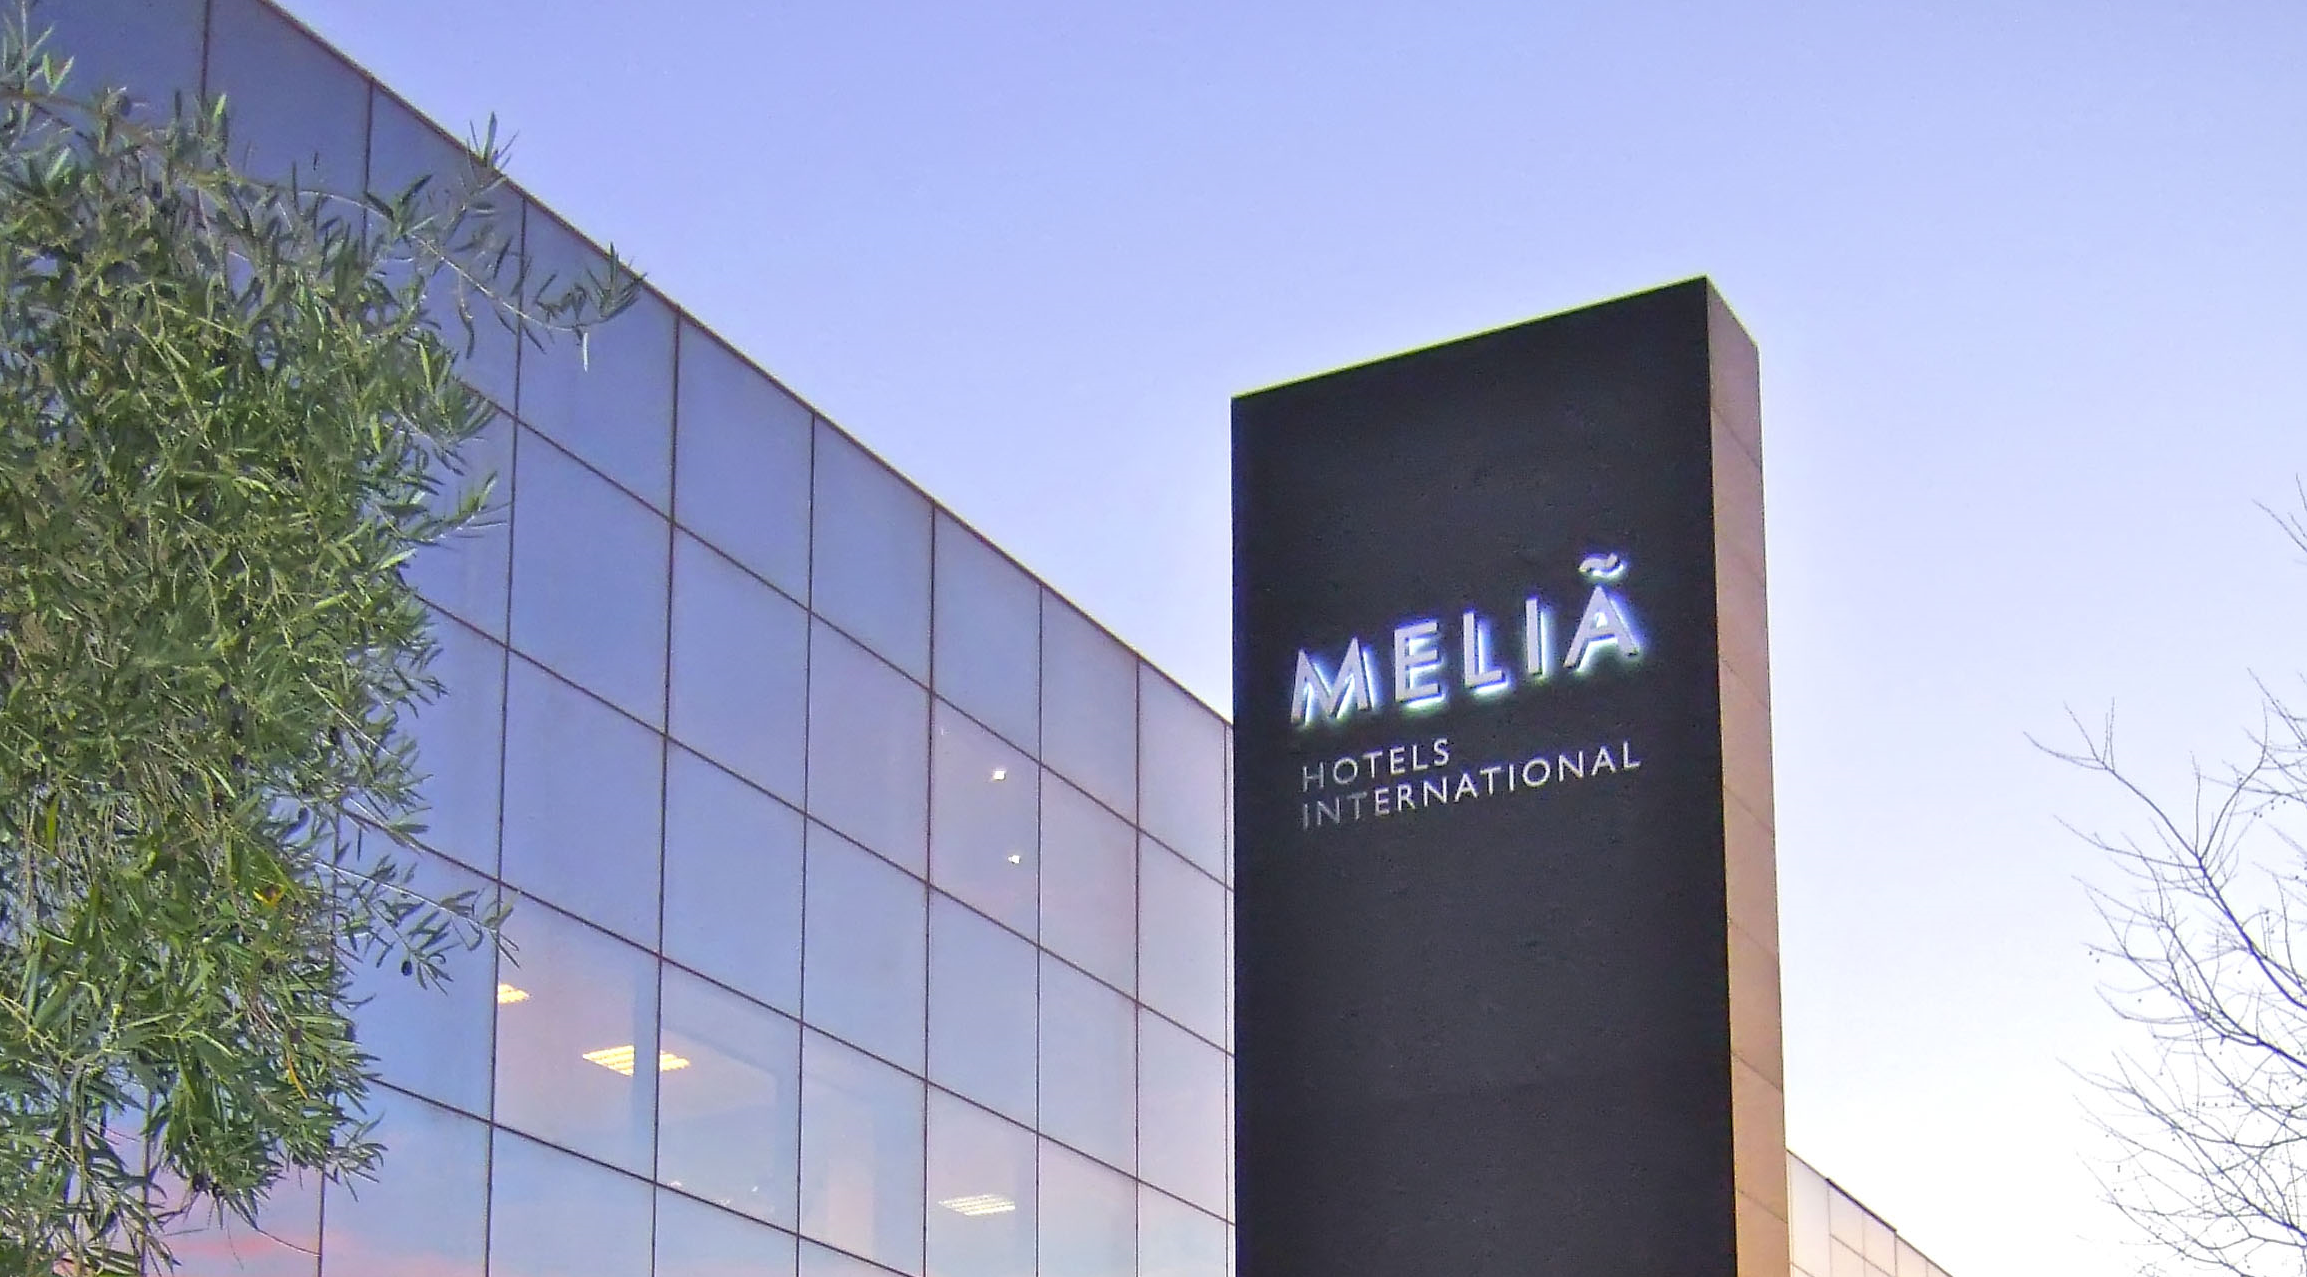 Melia Hotels Internationals har fået millionbøde fra EU. Hotelkæder må gerne arbejde med prismekanismer, men det er ifølge EU-lovgivning ulovligt at diskriminere på baggrund af kundernes hjemland; det havde Melia gjort. Pressefoto: Melia Hotels Internationals.